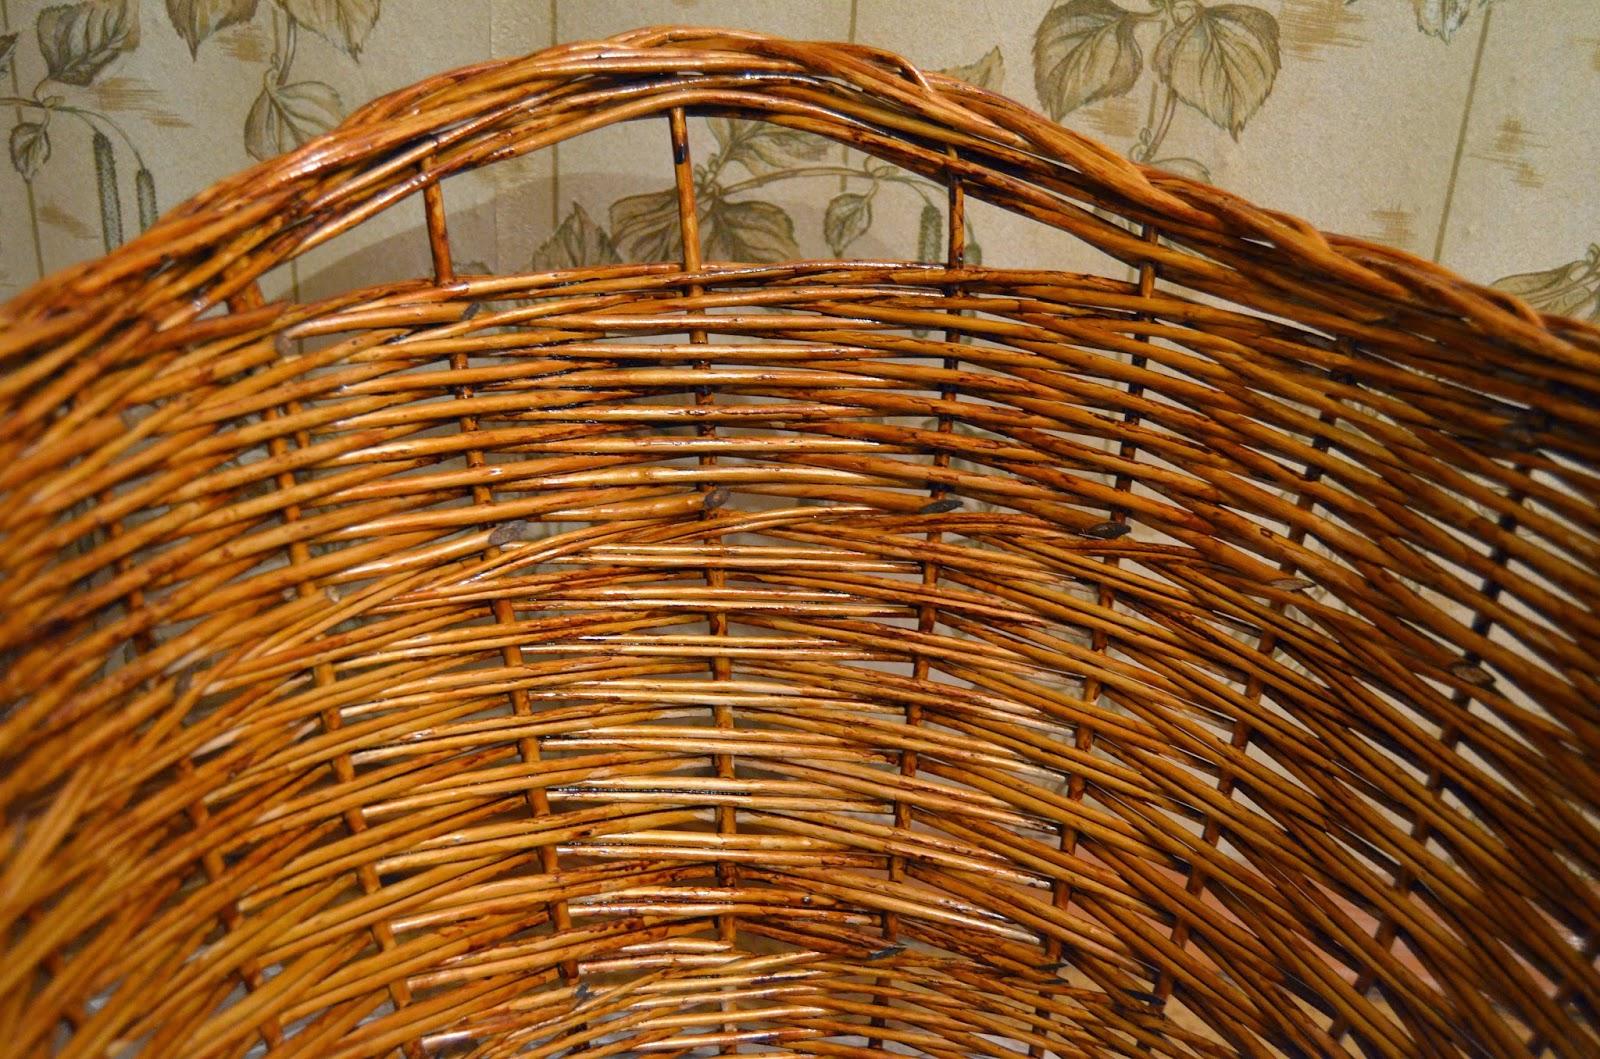 Как сделать плетеные корзины своими руками 66